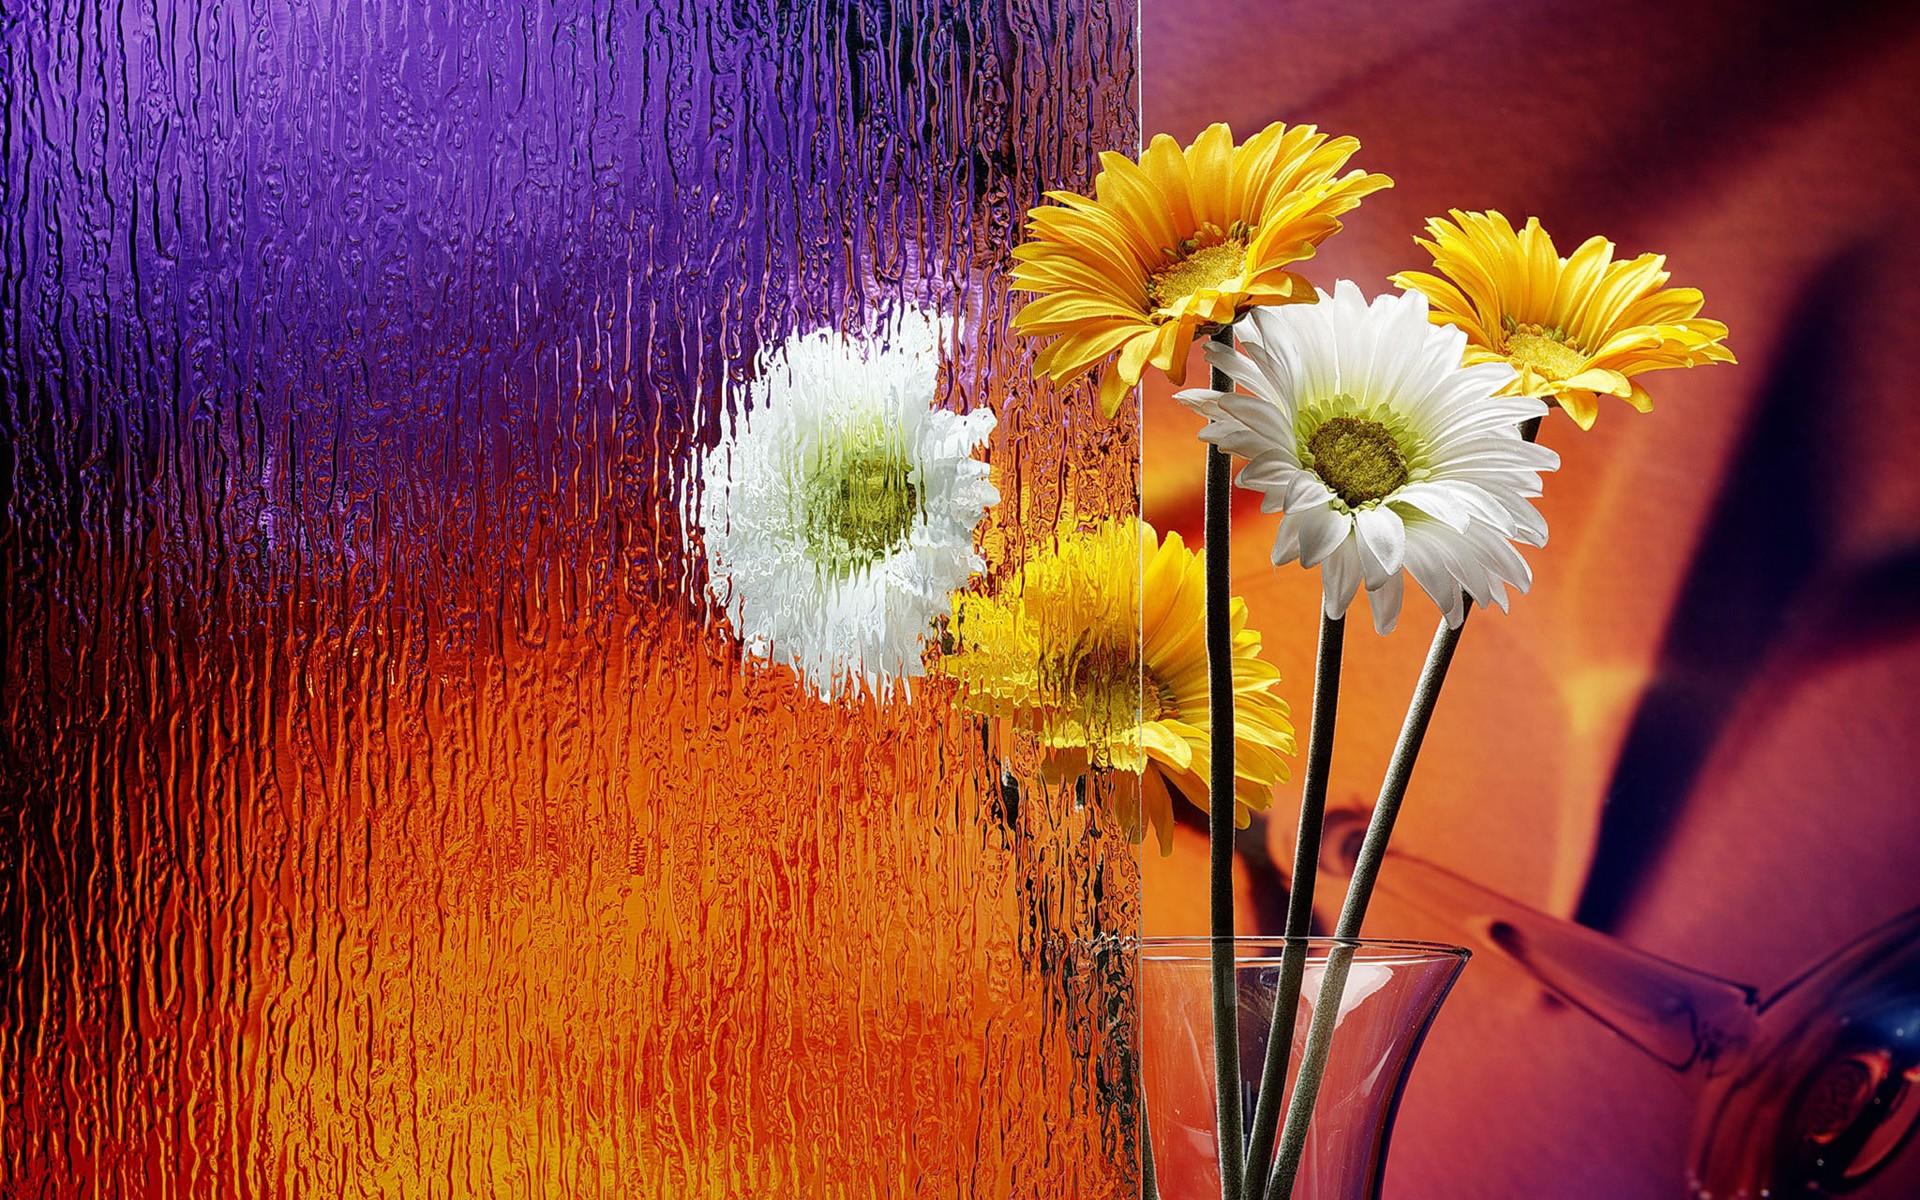 Flores en el escritorio - 1920x1200